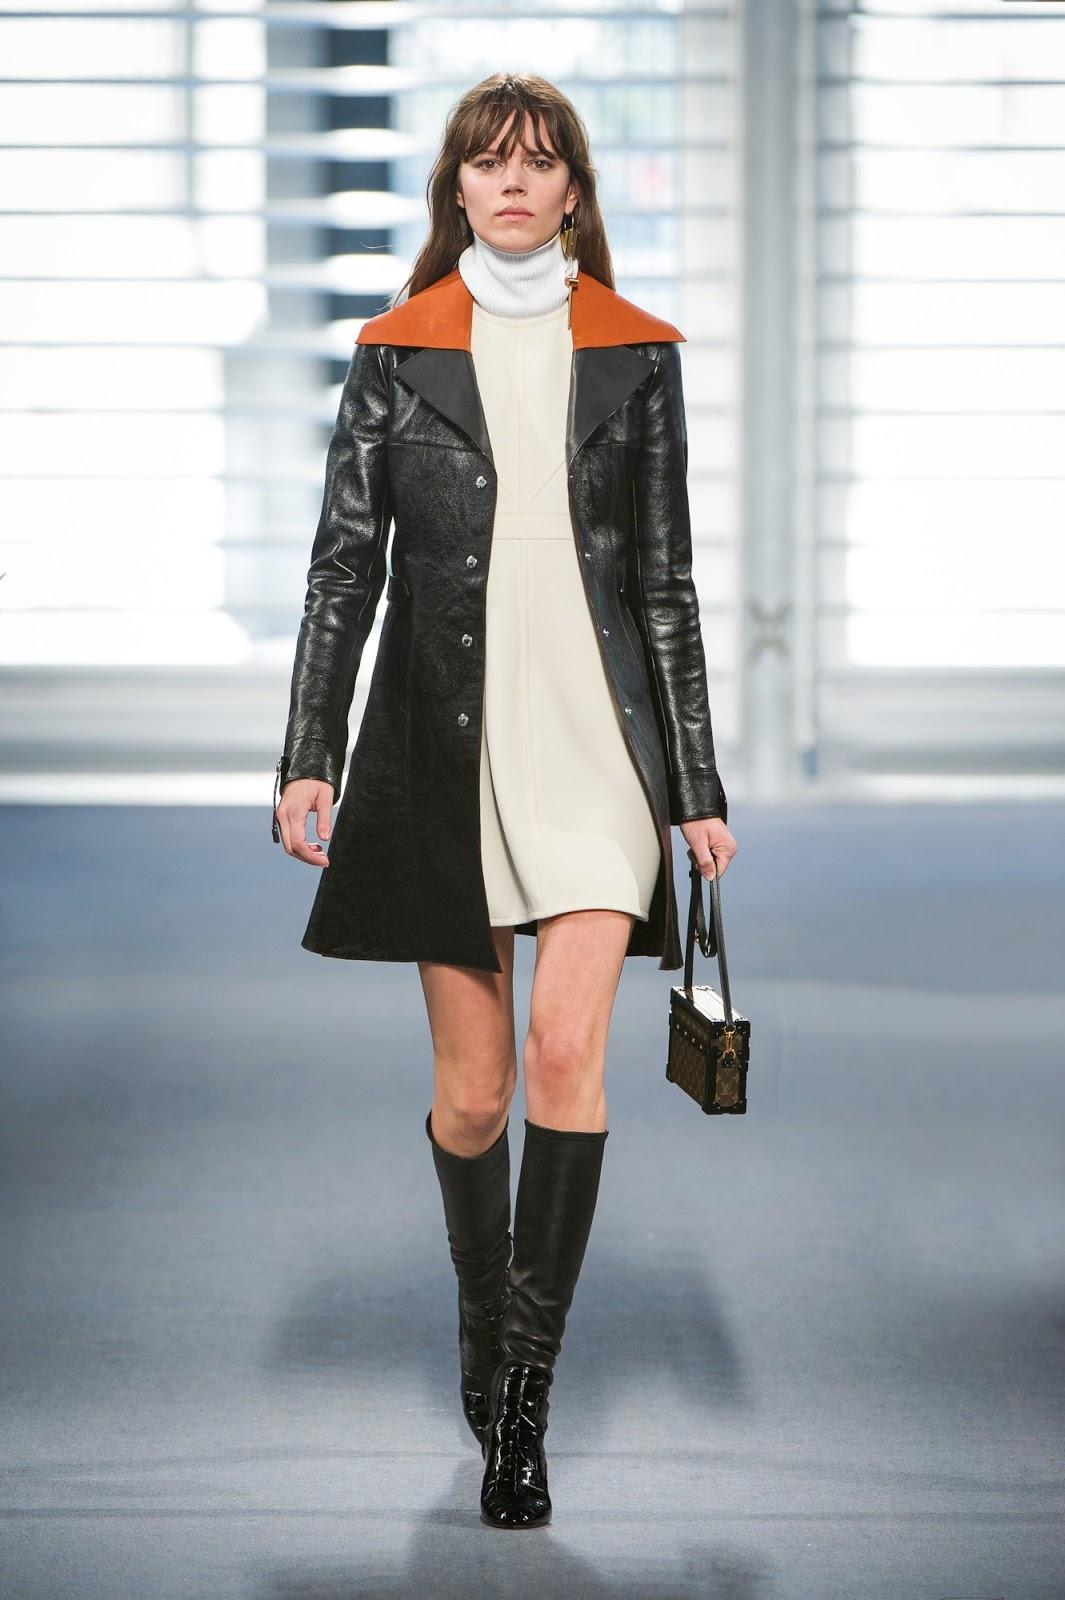 Louis Vuitton Women S Ready To Wear Fall Winter 2014 2015